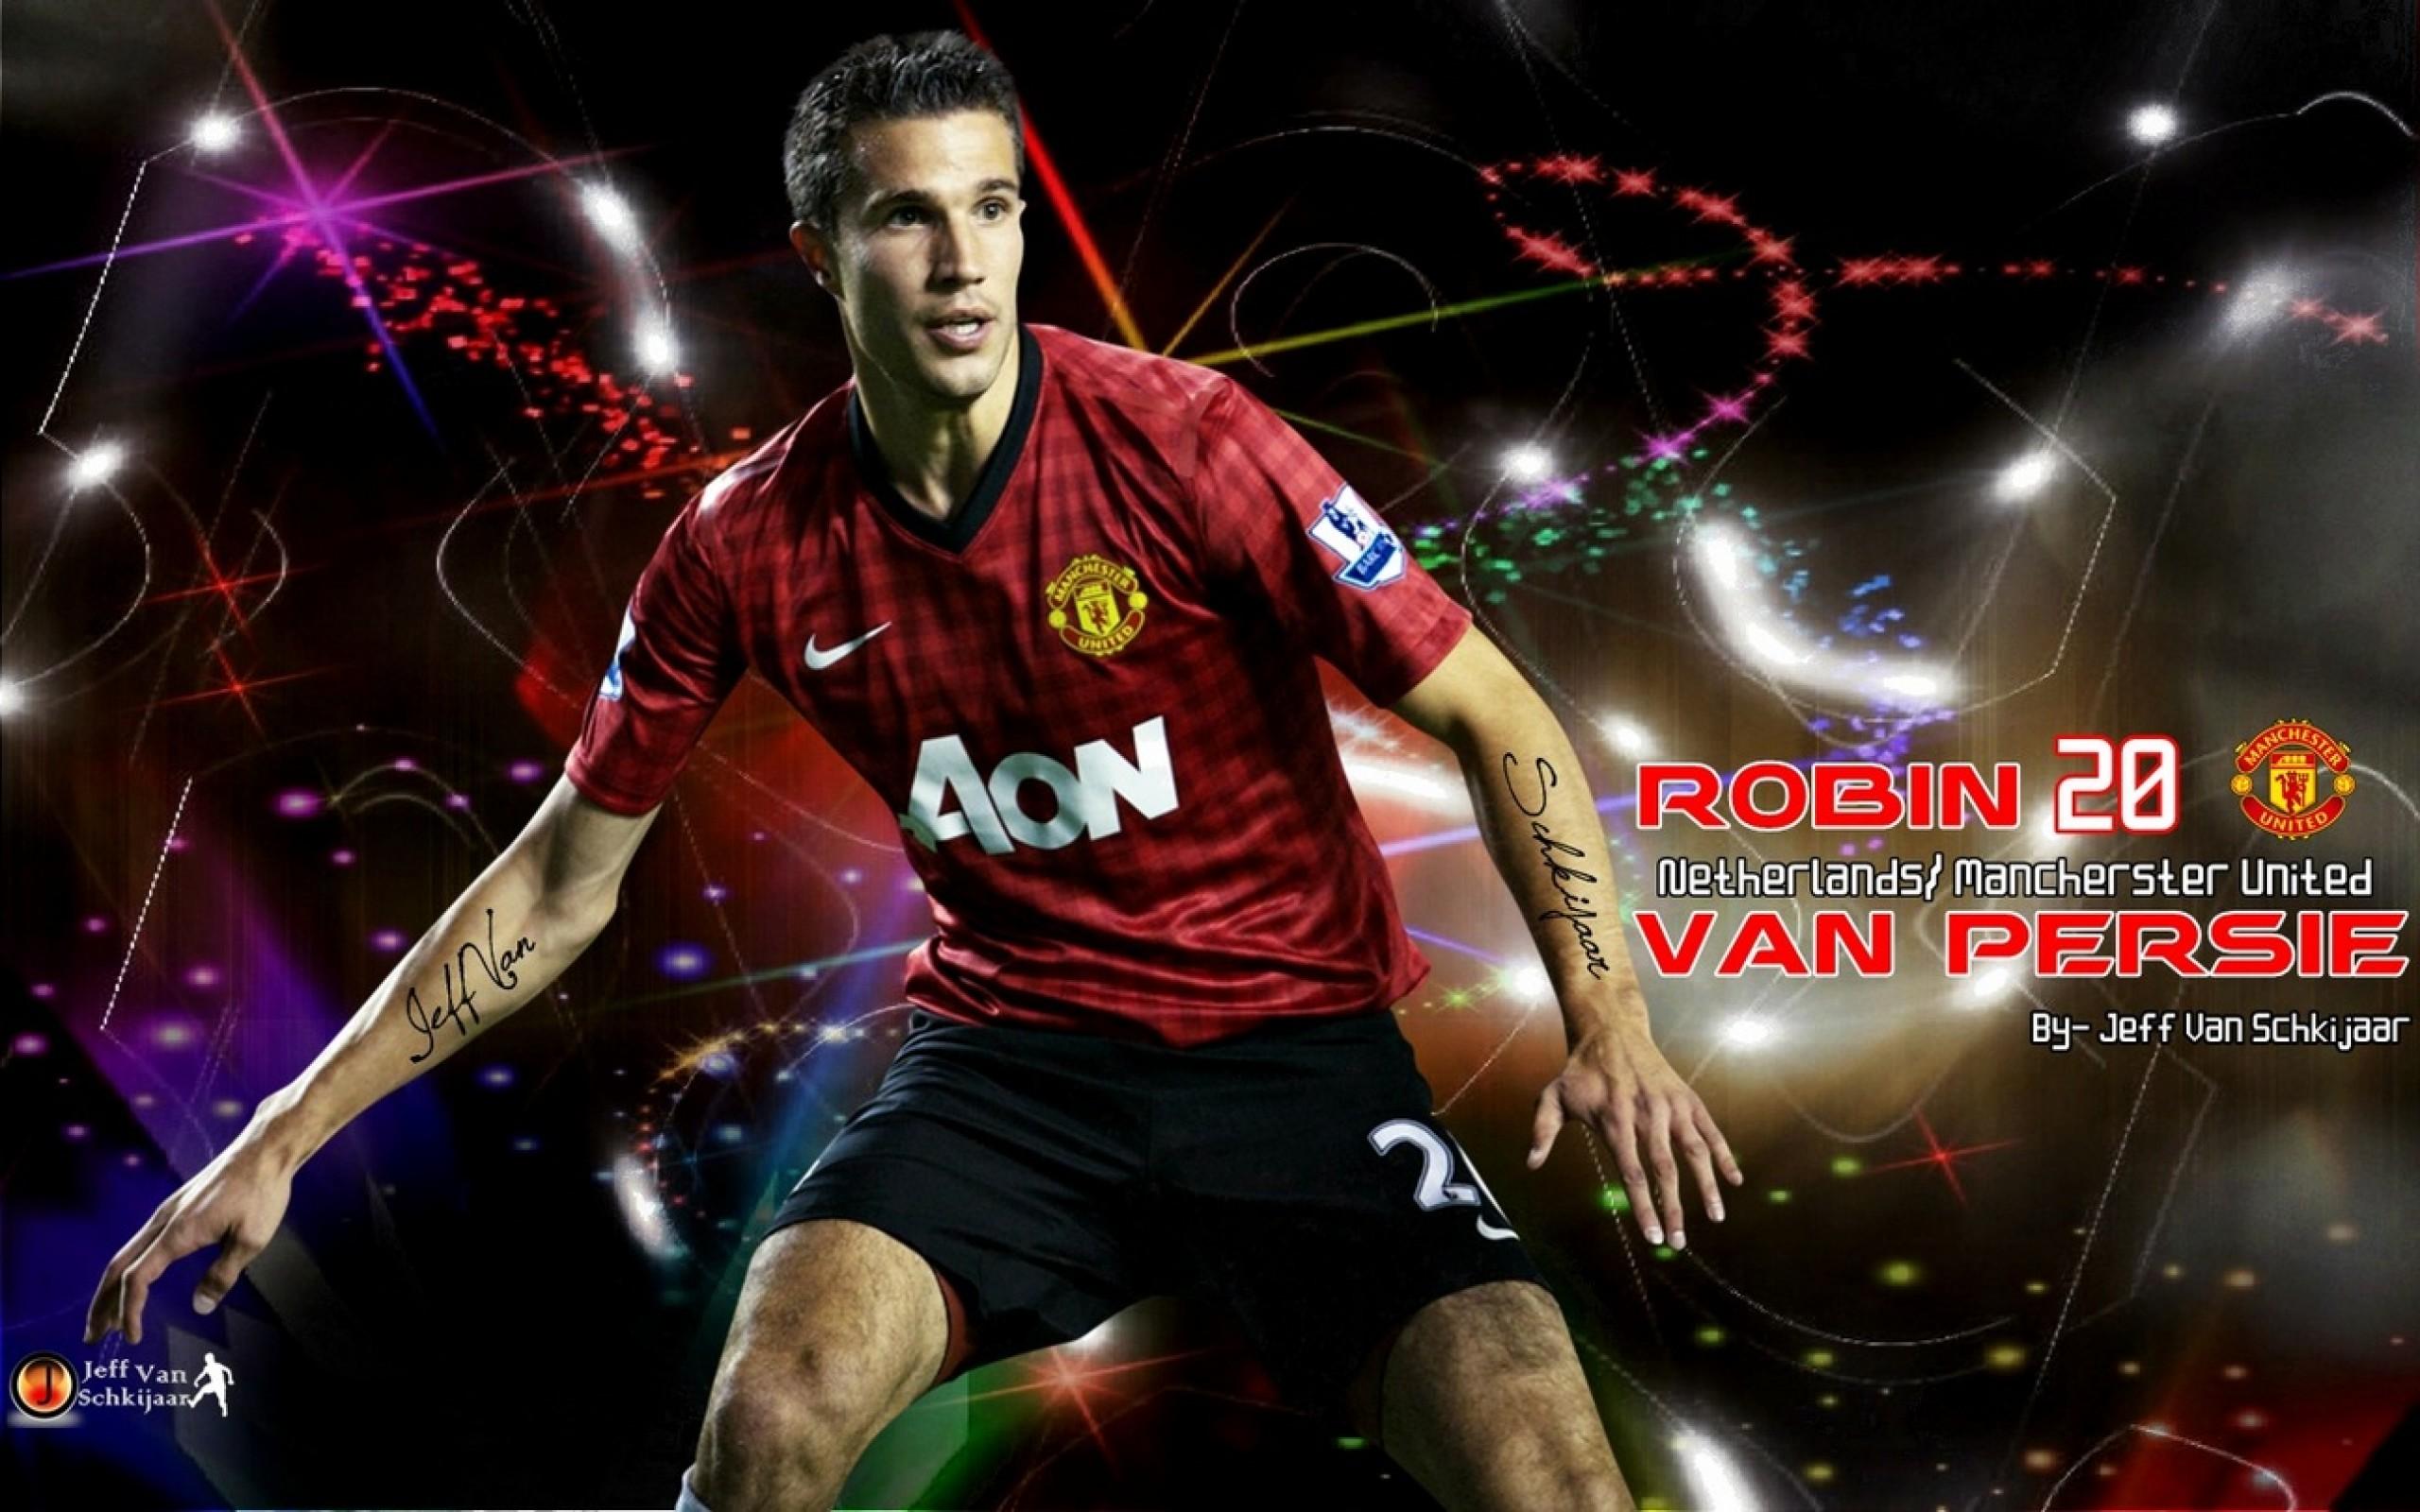 Robin van persie football wallpaper backgrounds and picture robin van persie wallpaper voltagebd Image collections